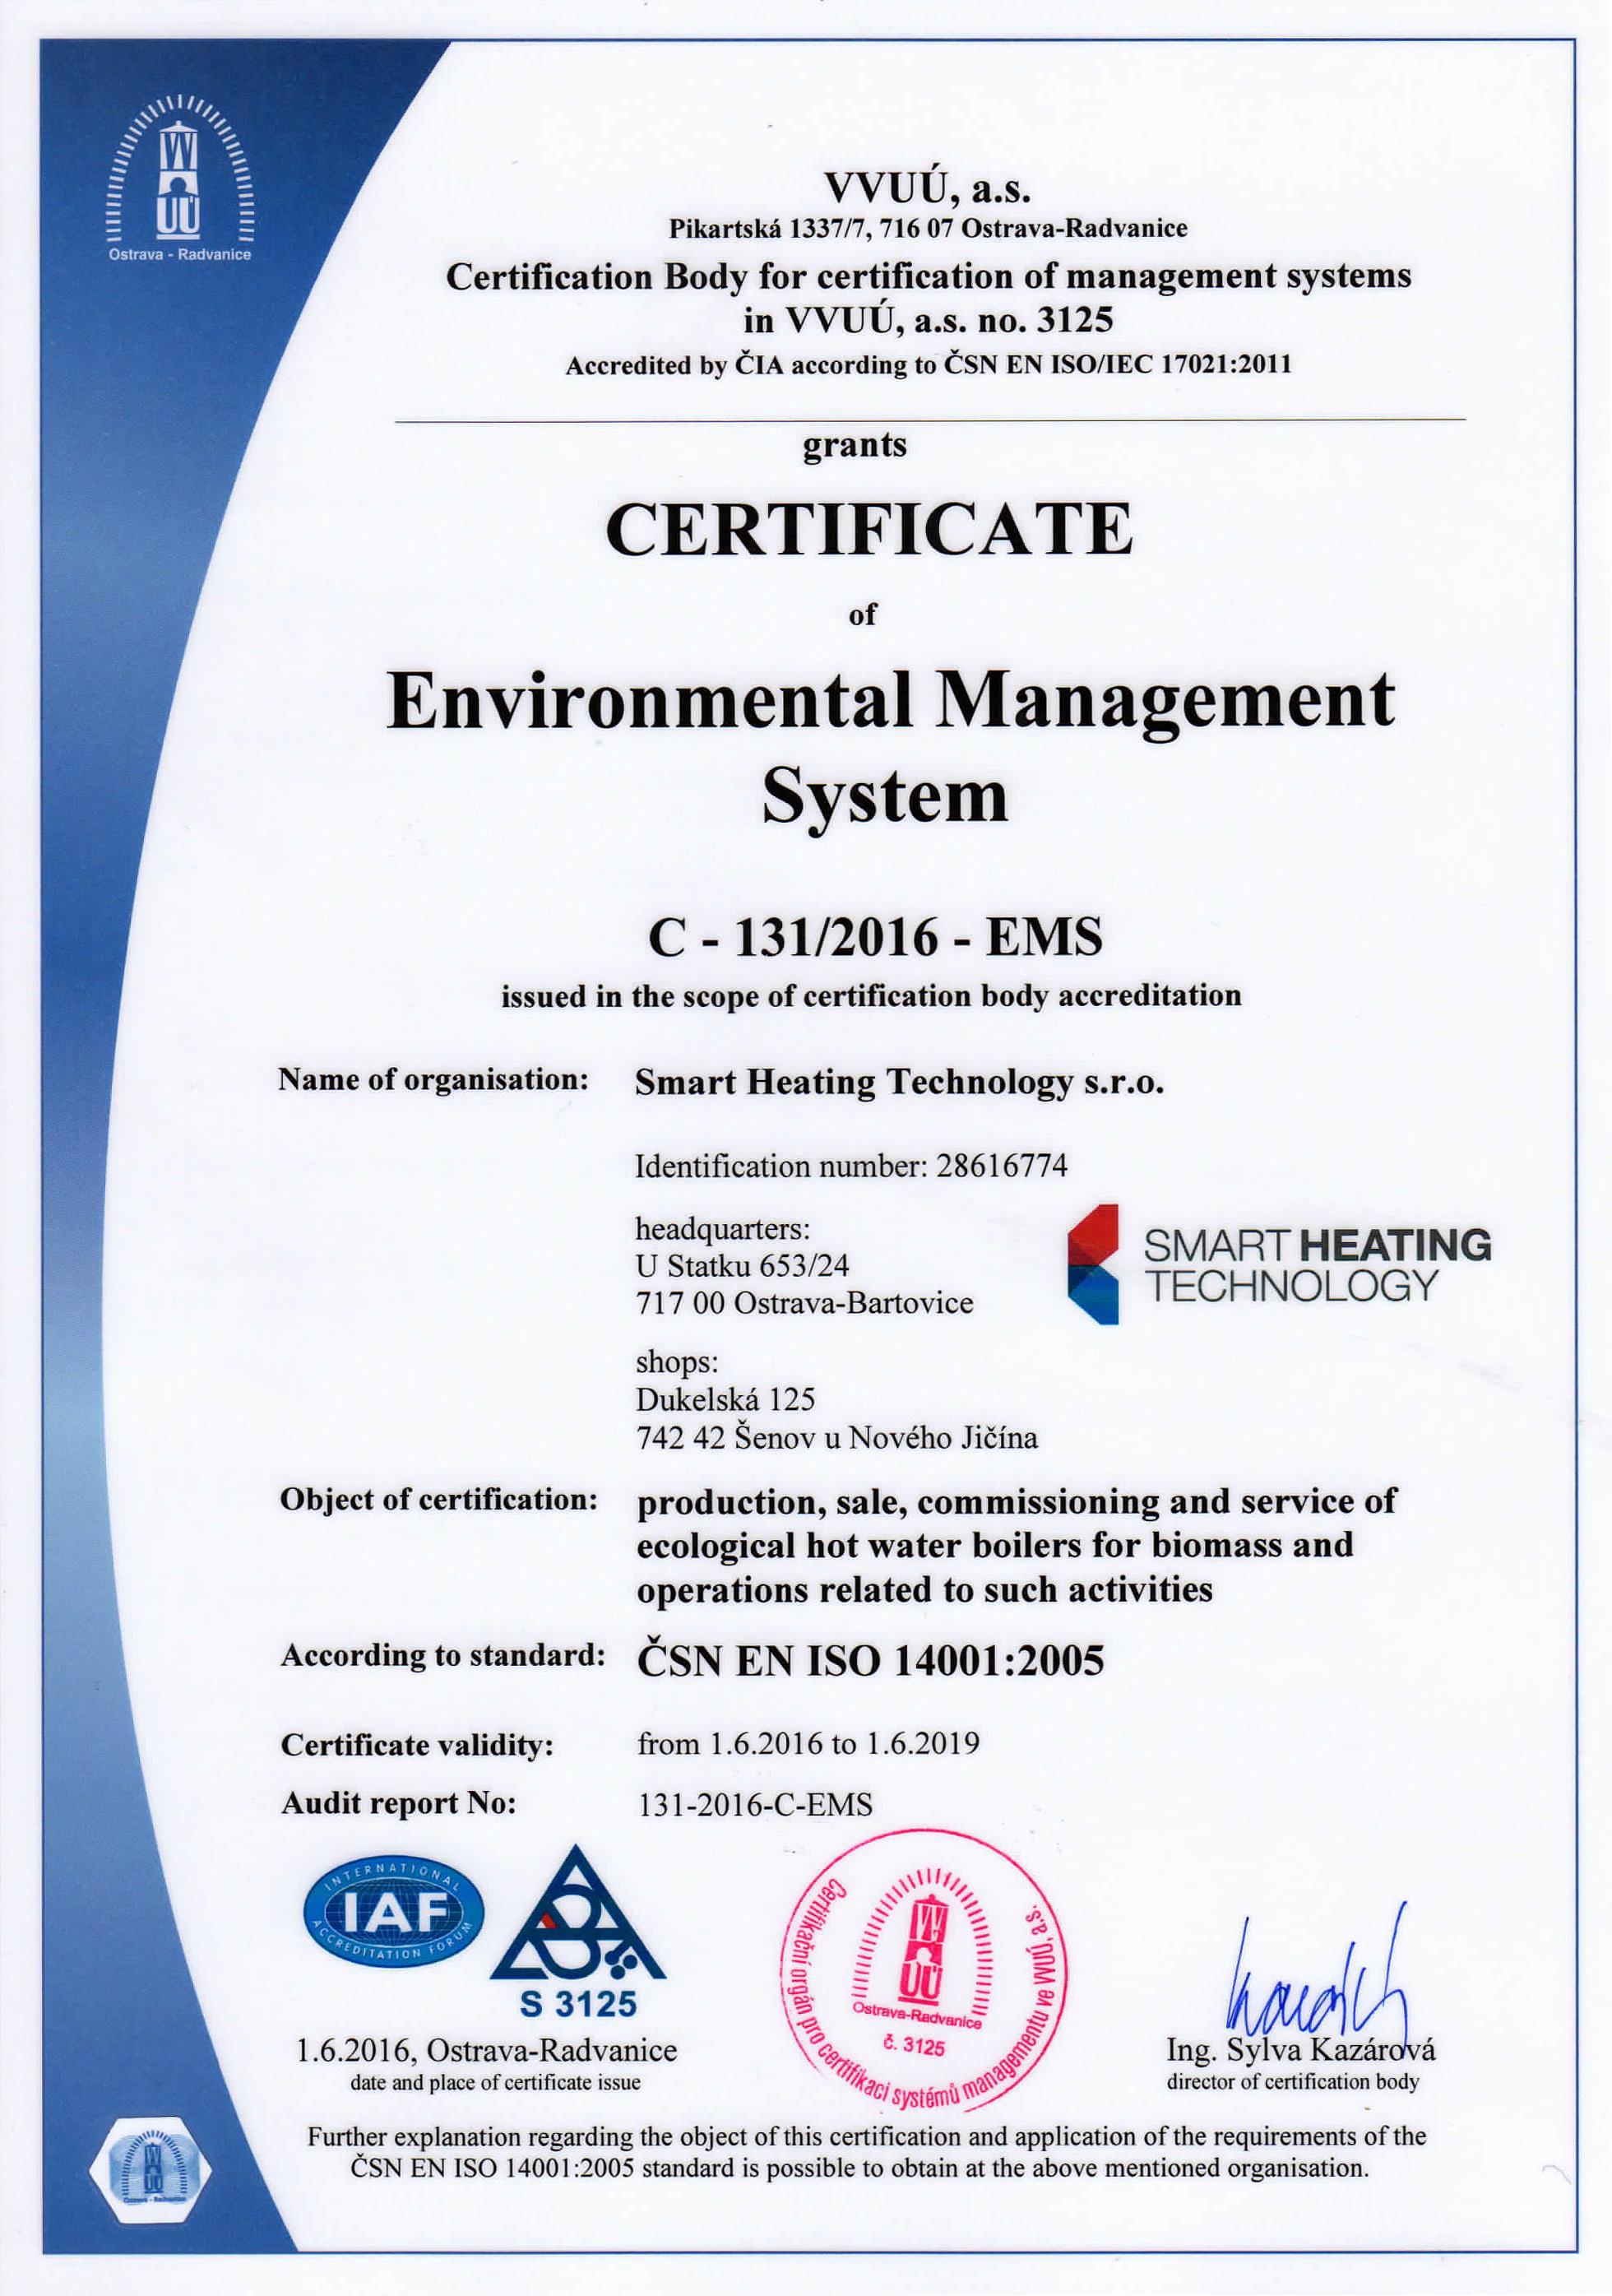 certifikat-c-131_2016-ems-eng